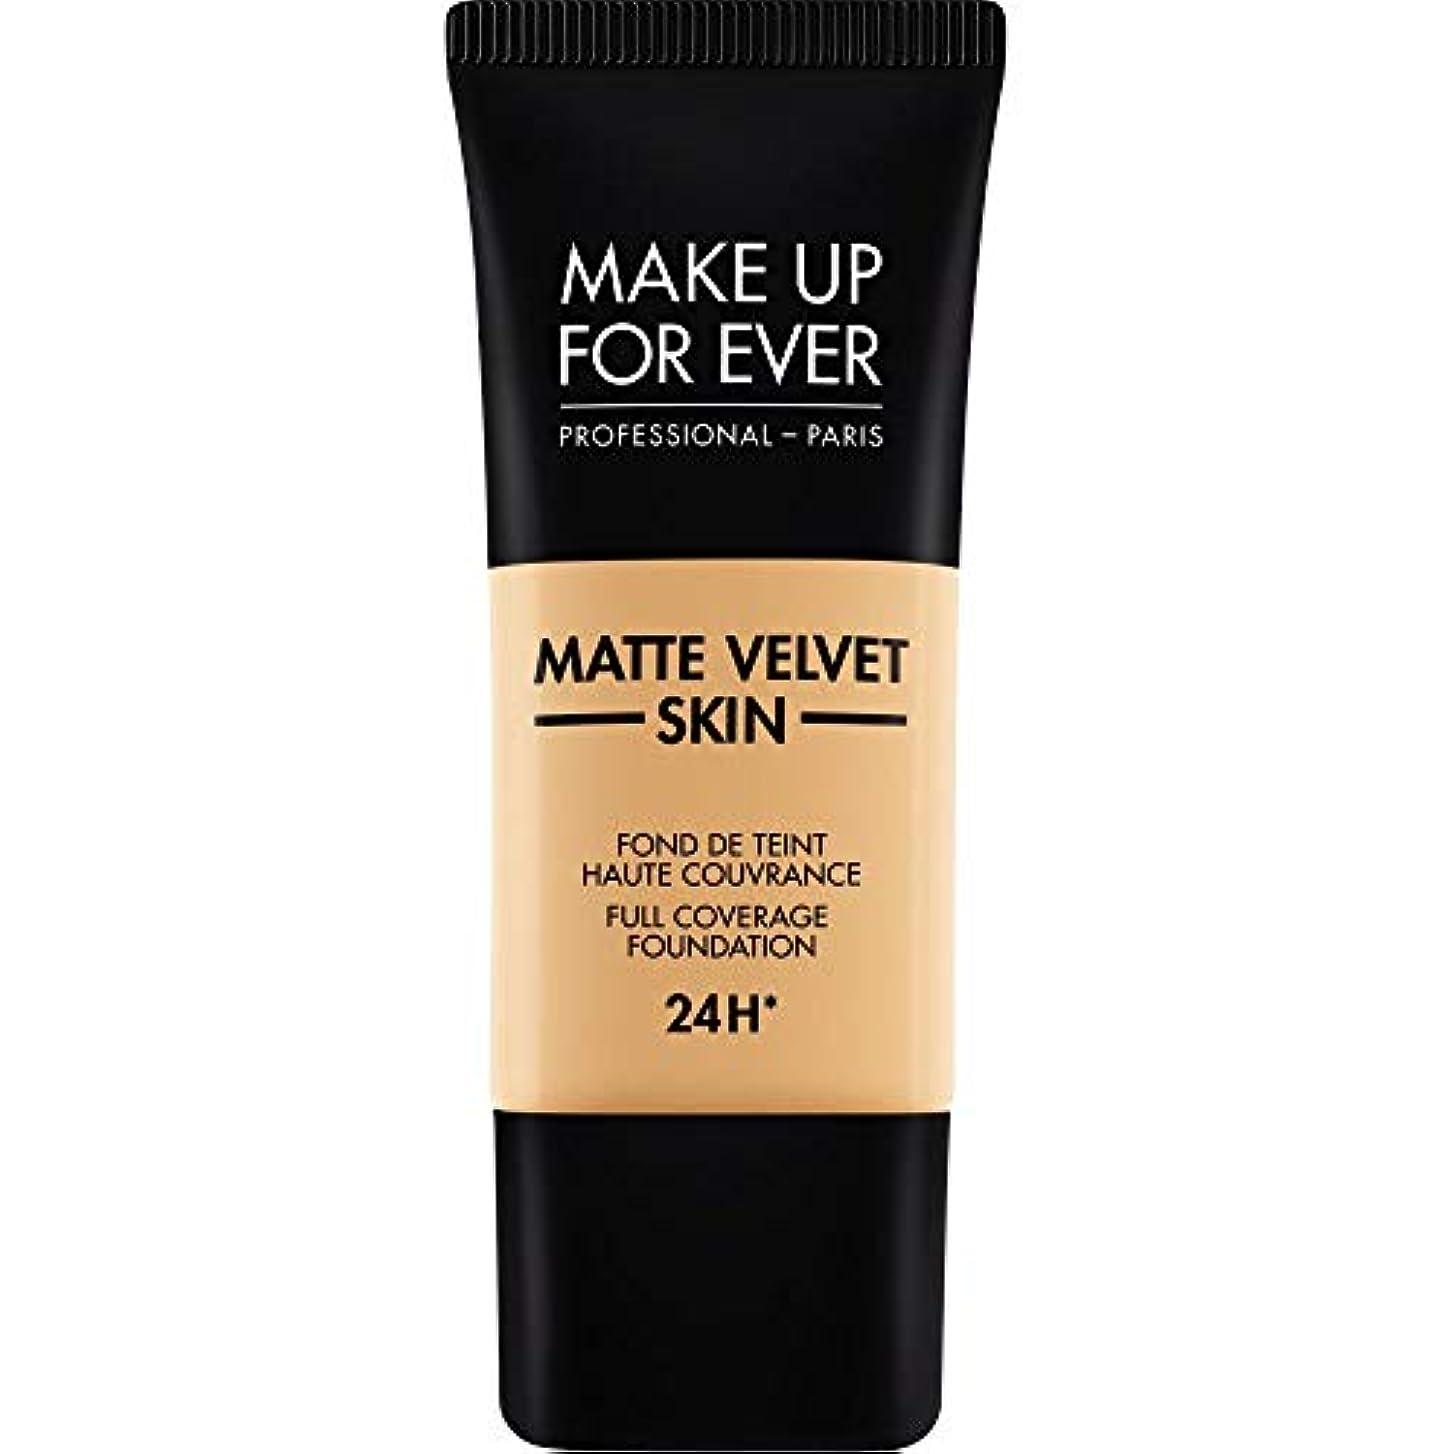 盗賊ワーカー価格[MAKE UP FOR EVER ] ナチュラルベージュ - これまでマットベルベットの皮膚のフルカバレッジ基礎30ミリリットルのY345を補います - MAKE UP FOR EVER Matte Velvet Skin Full Coverage Foundation 30ml Y345 - Natural Beige [並行輸入品]